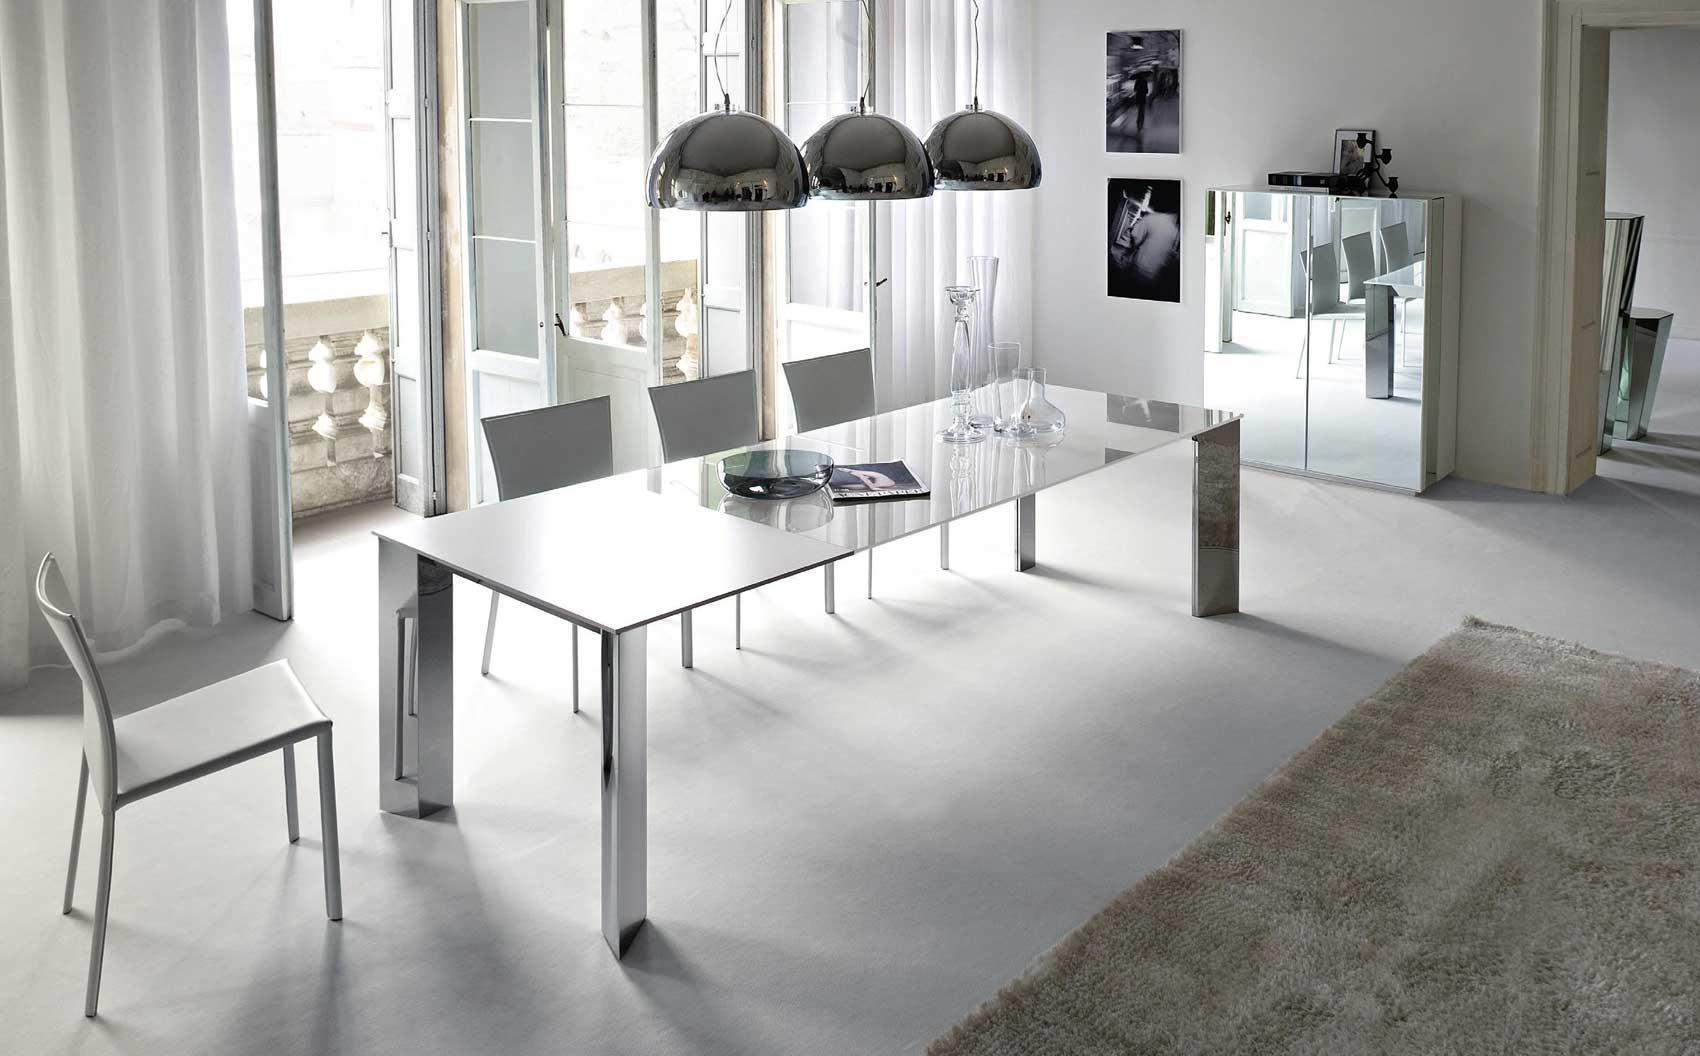 sala de jantar grande e elegante